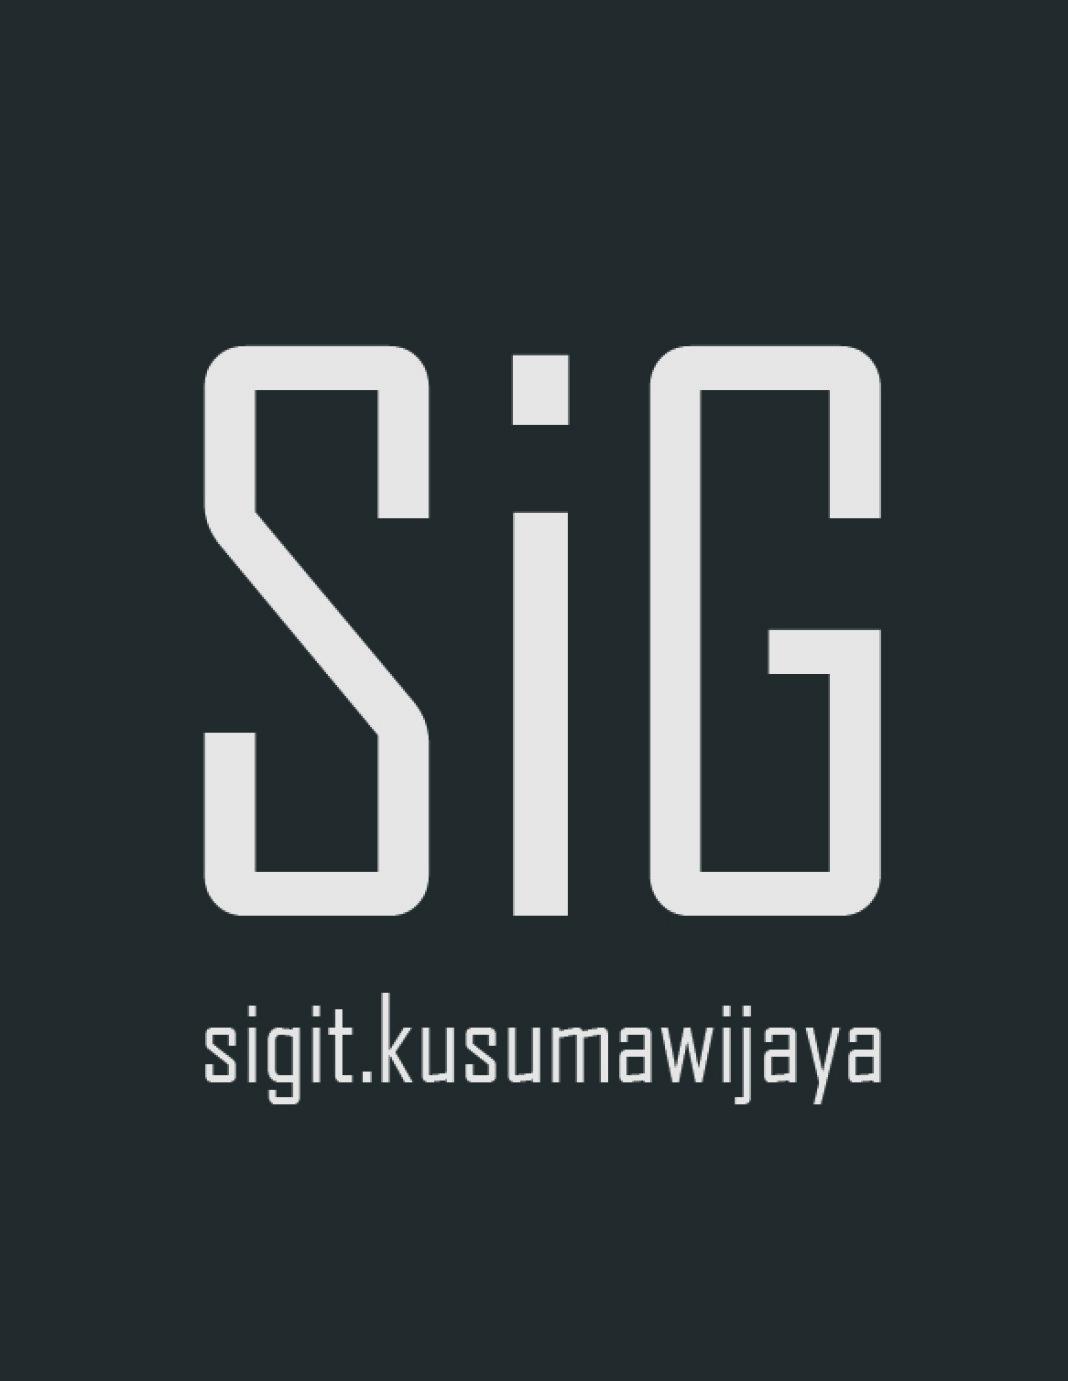 Sigit-Kusumawijaya-Logo-1068x1381